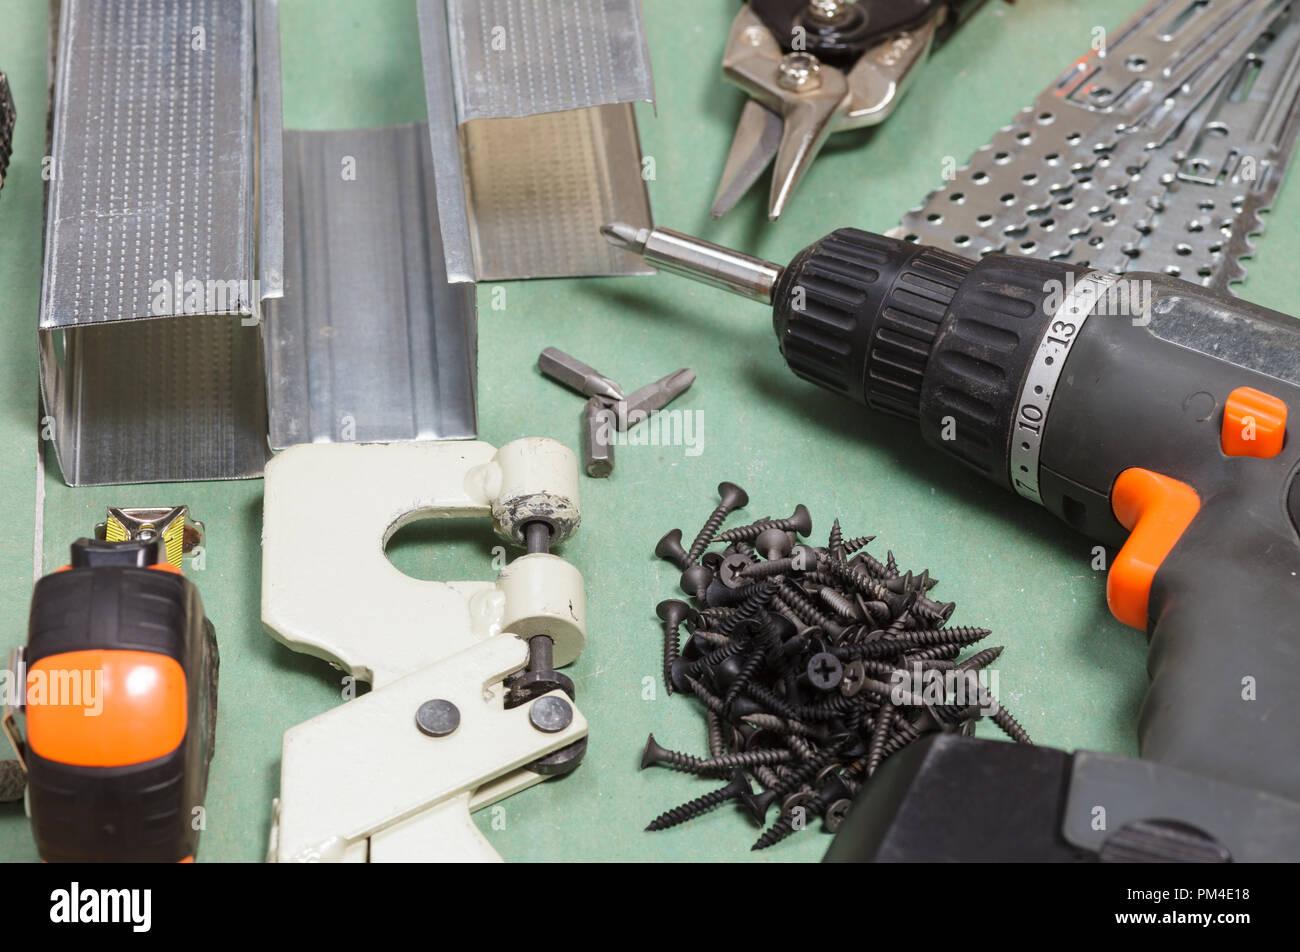 Gipskartonplatten Werkzeuge mit metall nieten, Schrauben, Maßband, screwgun und Punch lock Crimper eingestellt Stockfoto